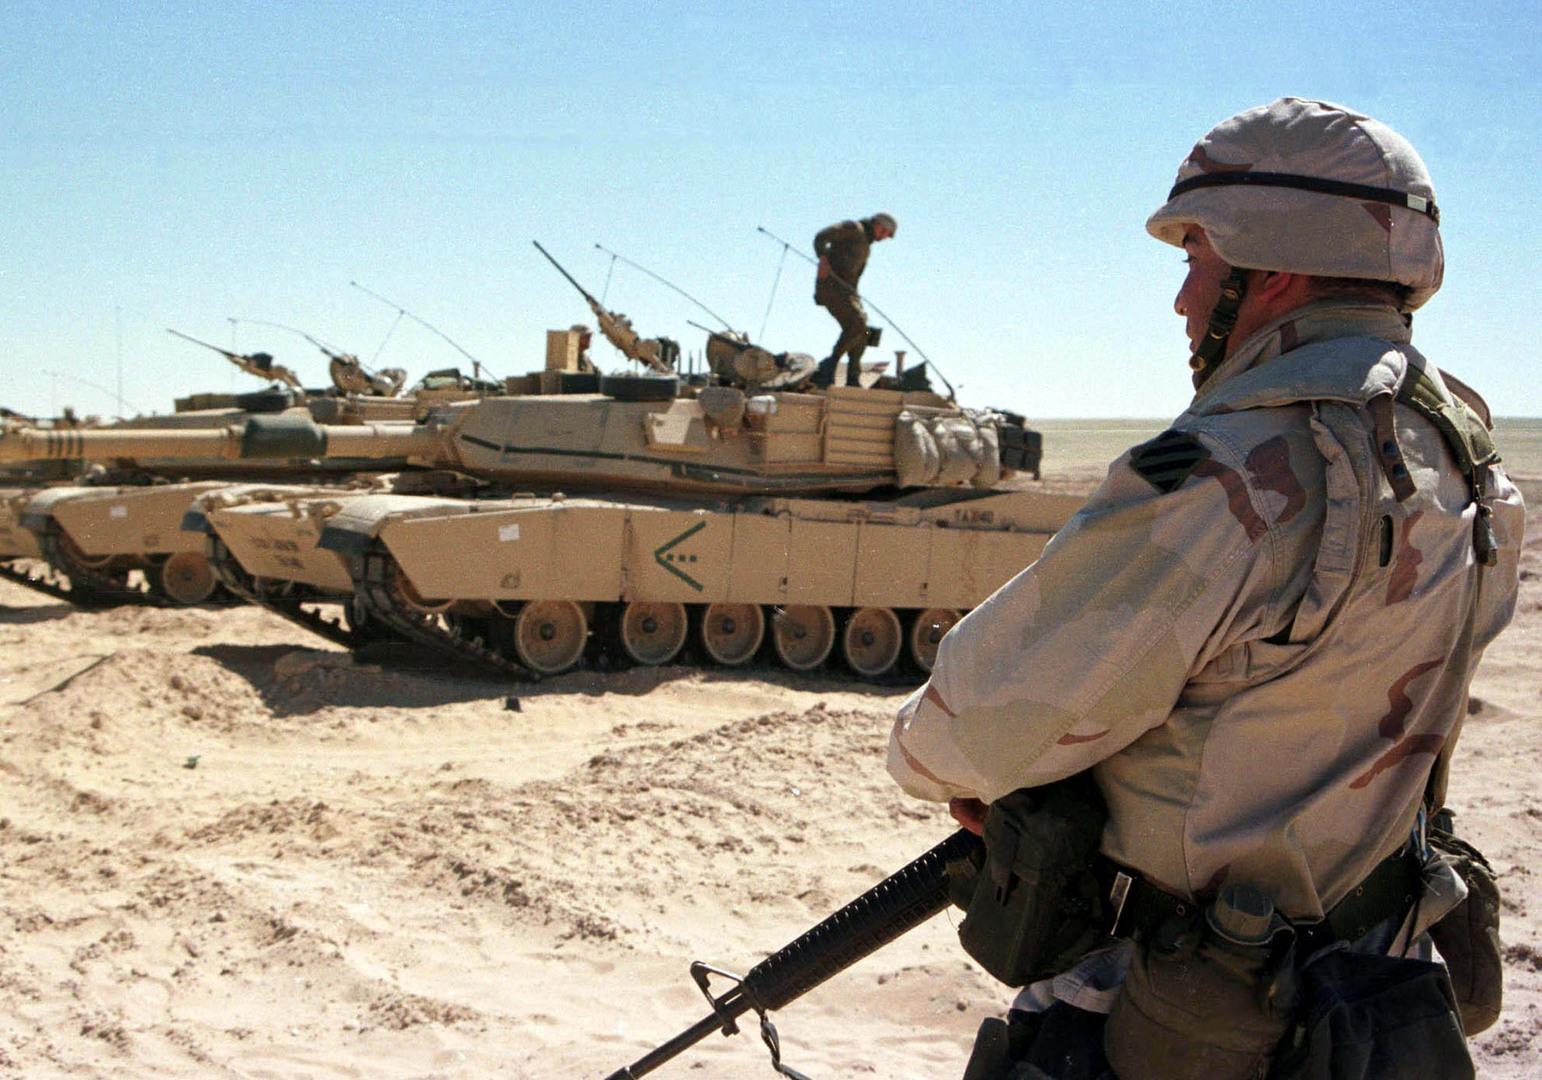 تقرير للاستخبارات العسكرية التشيكية: العالم أمام خطر نشوب حرب عالمية